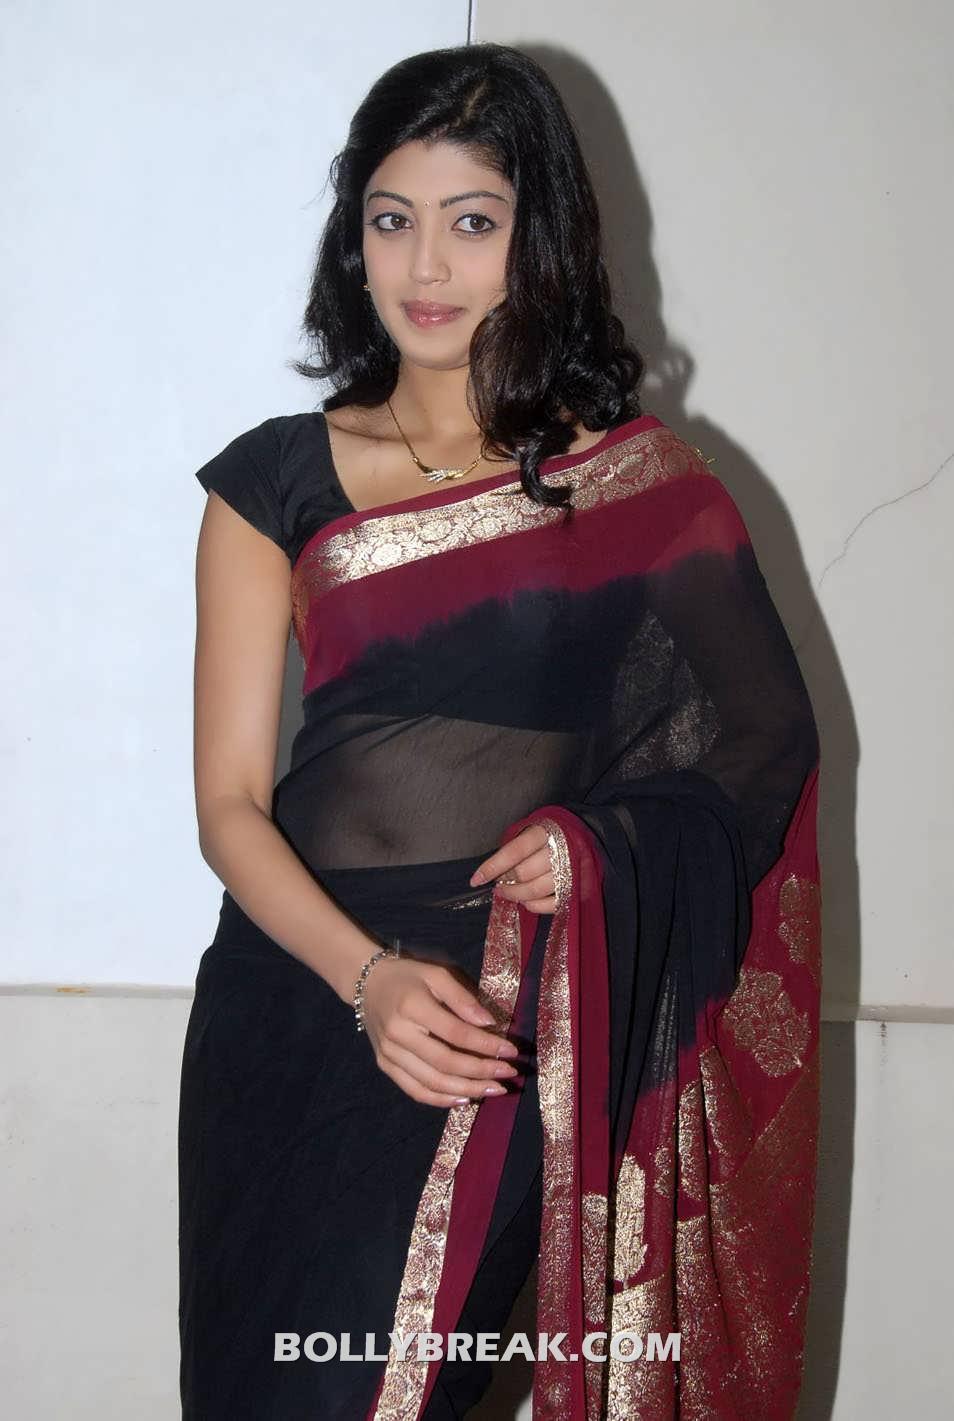 Transparent Saree: Pranitha In Black Transparent Saree